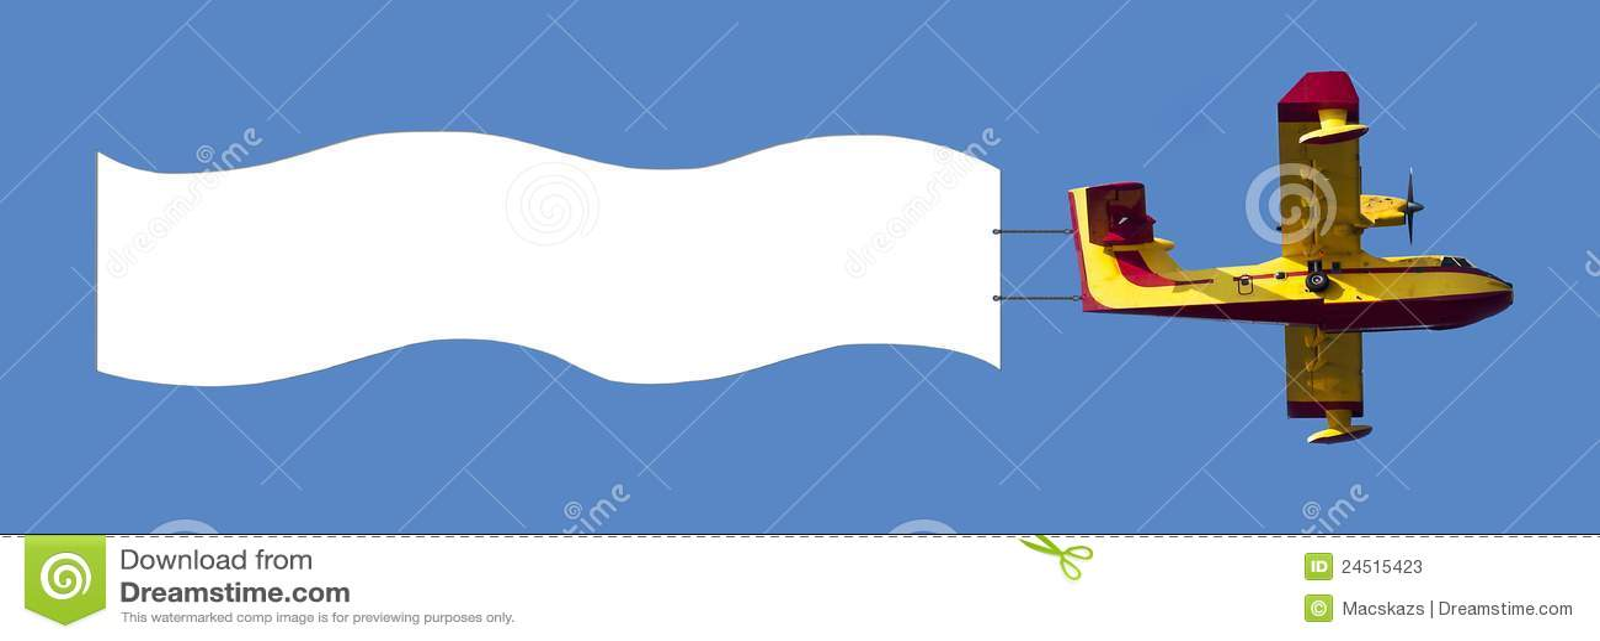 avion tirant le drapeau blanc d 39 annonce photos stock image 24515423. Black Bedroom Furniture Sets. Home Design Ideas